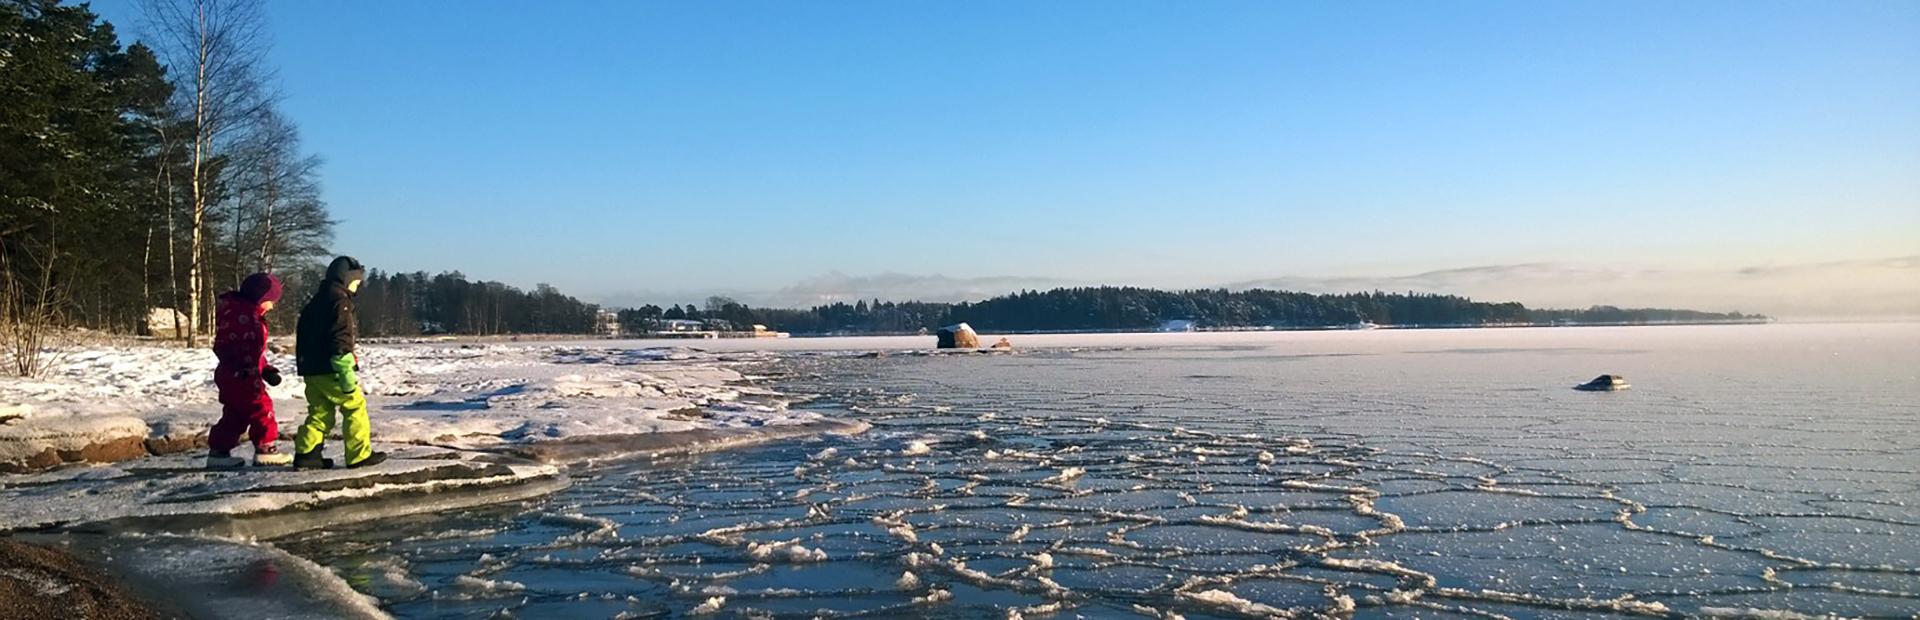 Kaksi lasta kävelee jäätyneen meren rannalla.